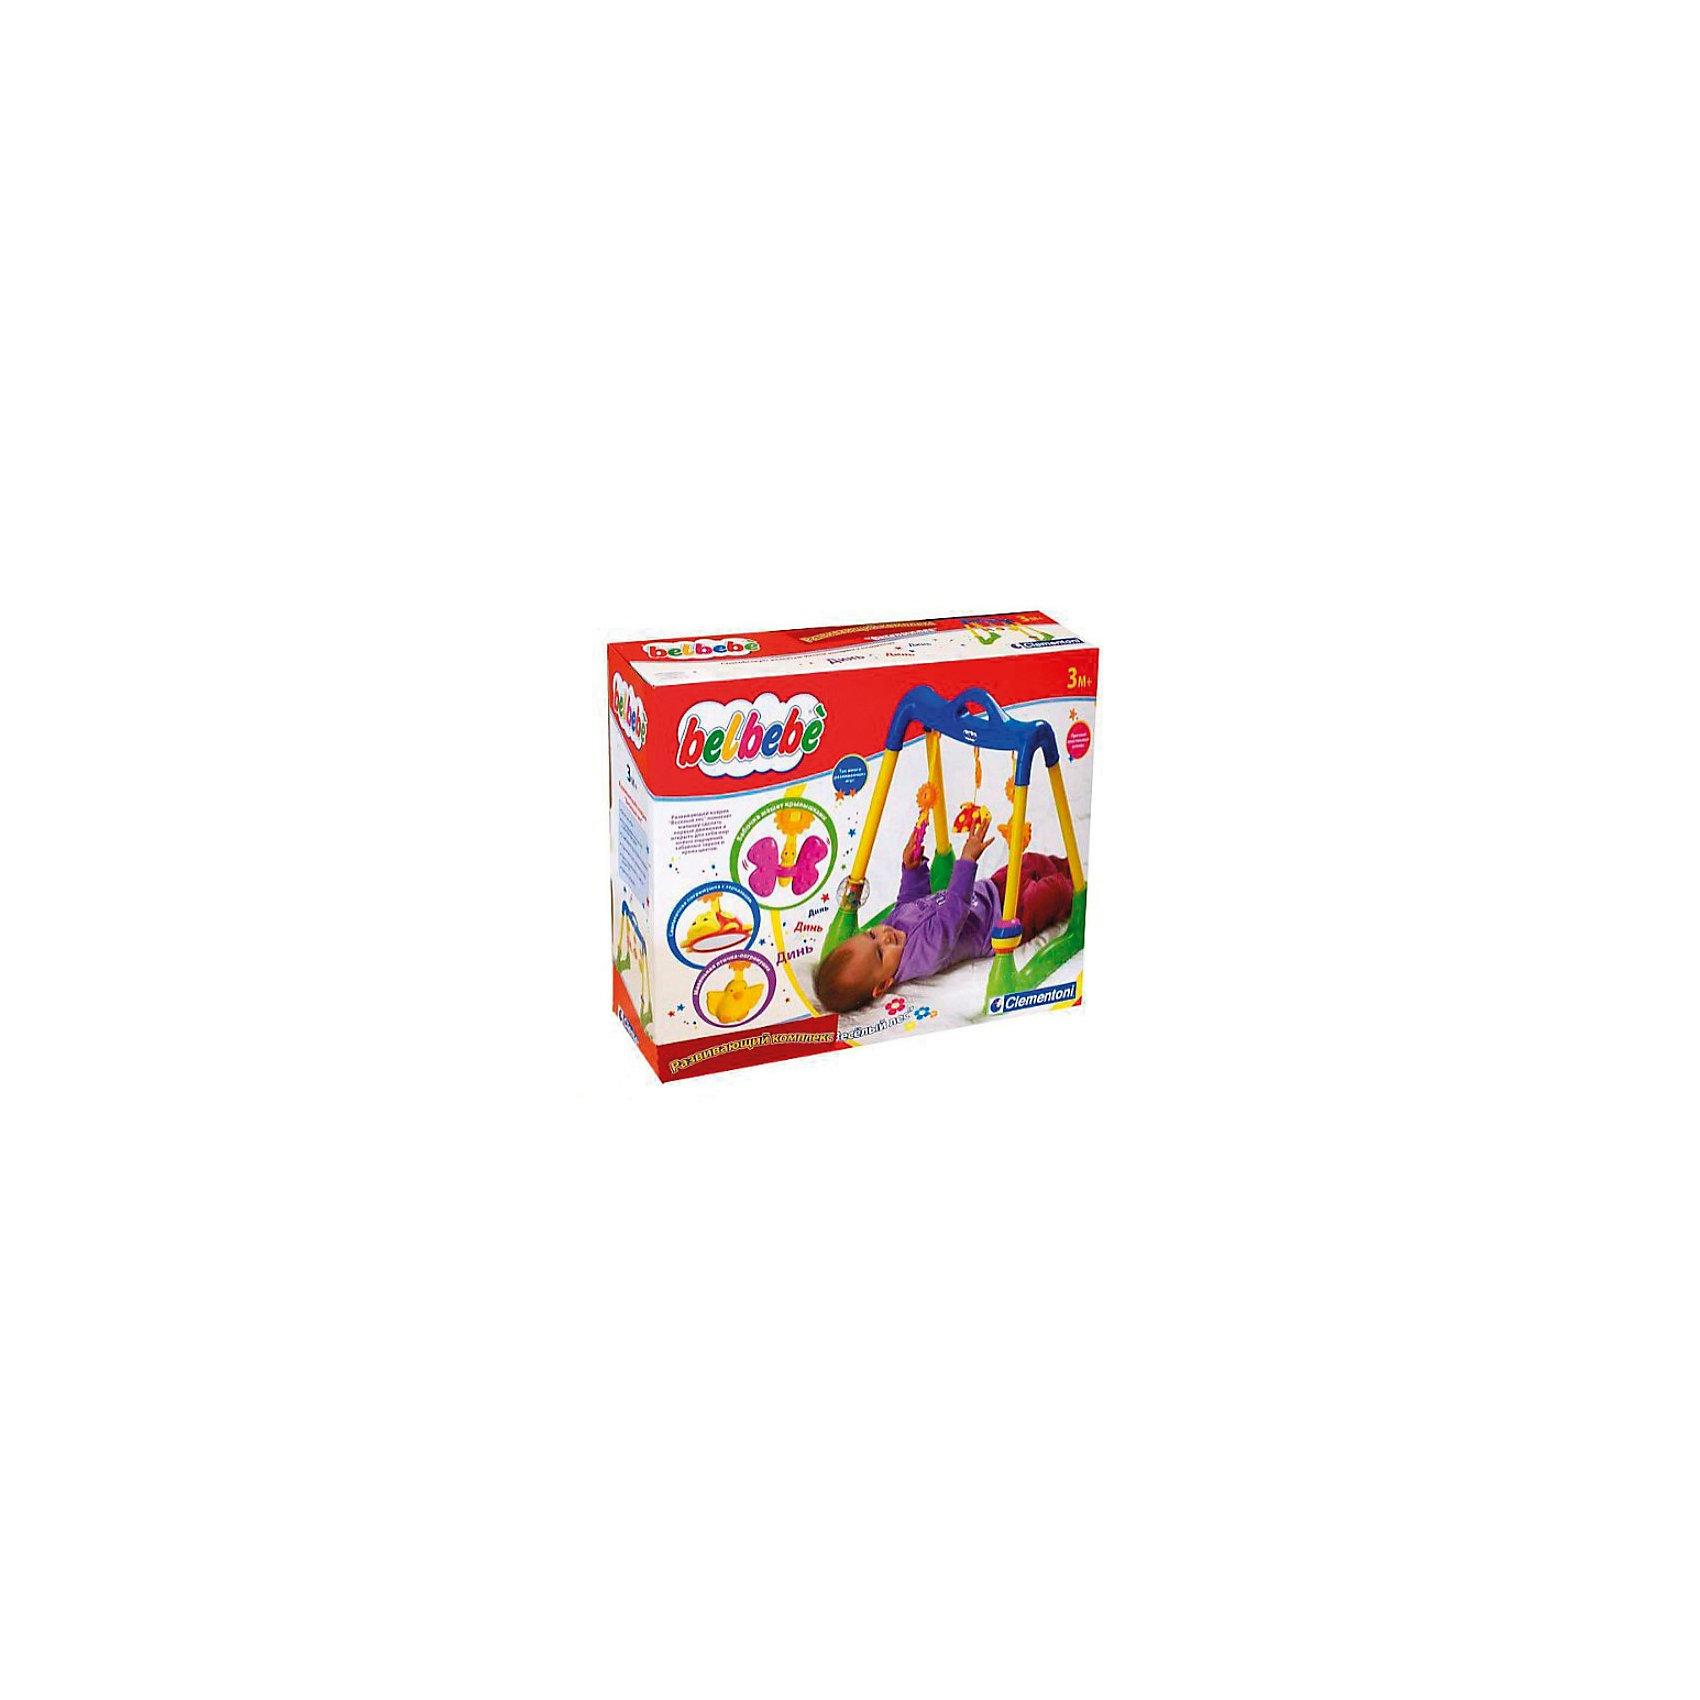 Развивающий комплекс Веселый лес, Baby ClementoniРазвивающий комплекс Веселый Лес от Baby Clementoni - это яркие красочные игрушки, которые привлекут внимание Вашего малыша и будут способствовать его физическому и интеллектуальному развитию. Комплекс представляет из себя турничок, на который можно повесить съемные , входящие в комплект игрушки: бабочку с вращающимися крылышками, божью коровку с зеркальцем и цыпленка-погремушку. Высота подвесок регулируется. На ножках турника закреплены еще две игрушки в виде крутящихся шаров, один из которых состоит из разноцветных сегментов.<br><br>Ребенок может играть как лежа на полу, так и в кроватке. Со съёмными деталями можно играть отдельно. Развивающий комплекс легко собирается и складывается, не занимает много места. Игрушка способствует интеллектуальному развитию, зрительному восприятию, тренирует координацию и мелкую моторику.  <br><br>Дополнительная информация:<br><br>- В комплекте: развивающий комплекс, 3 съемные фигурки, 2 шара.<br>- Материал: пластик.<br>- Размер комплекса: 60 х 45 х 18 см. <br>- Размер упаковки: 20 х 19 х 19 см. <br>- Вес: 1,1 кг. <br><br>Развивающий комплекс Веселый Лес, Baby Clementoni можно купить в нашем интернет-магазине.<br><br>Ширина мм: 450<br>Глубина мм: 500<br>Высота мм: 180<br>Вес г: 780<br>Возраст от месяцев: 3<br>Возраст до месяцев: 24<br>Пол: Унисекс<br>Возраст: Детский<br>SKU: 2361846